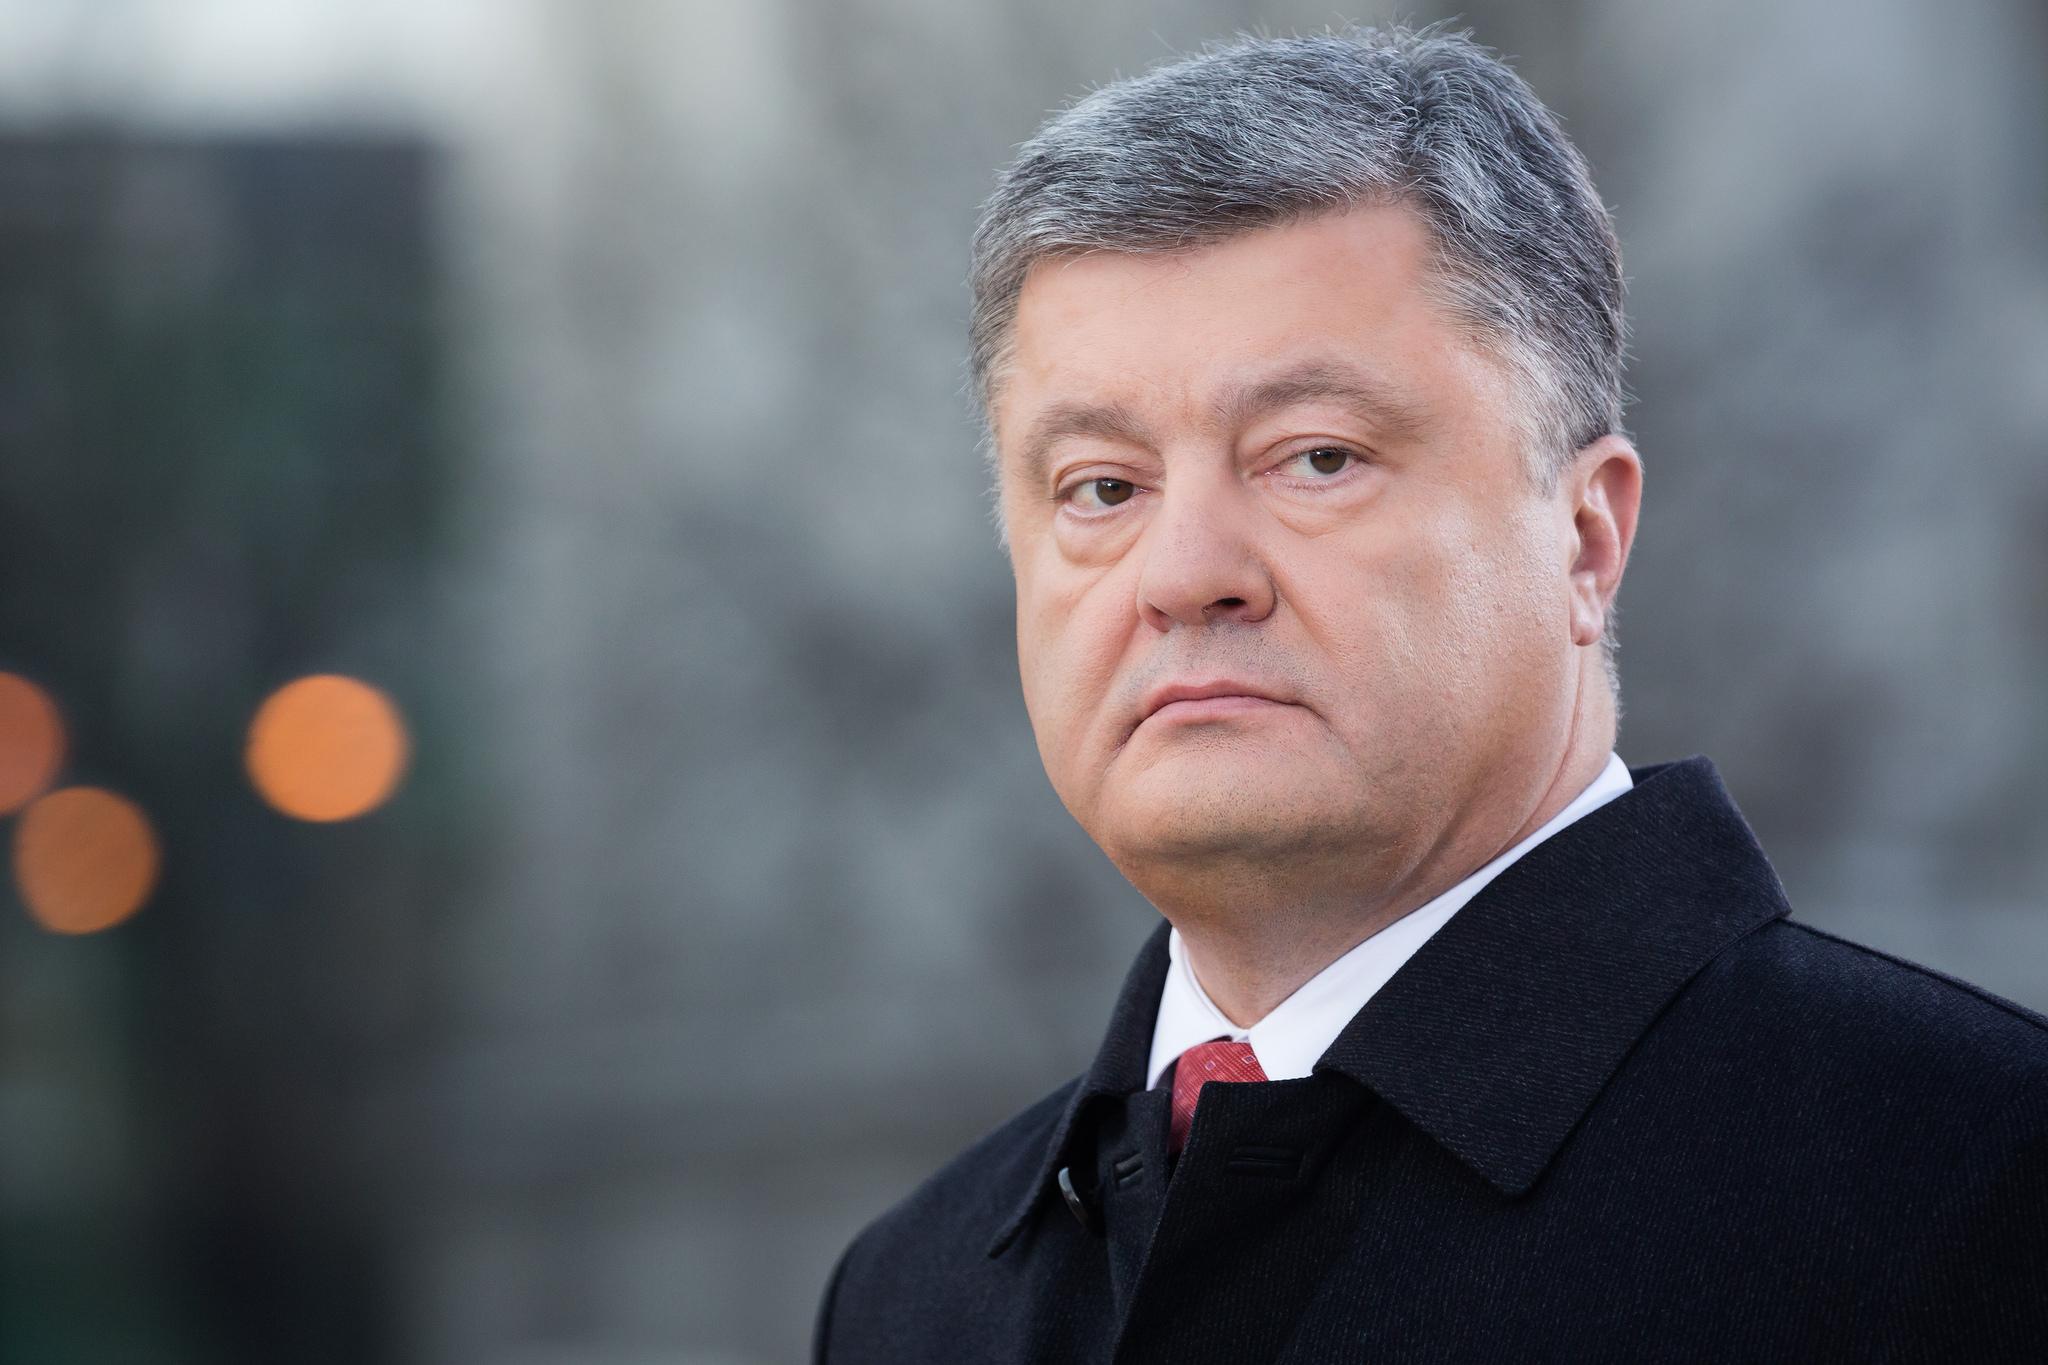 Петр Порошенко: биография, личная жизнь, семья, жена, дети — фото